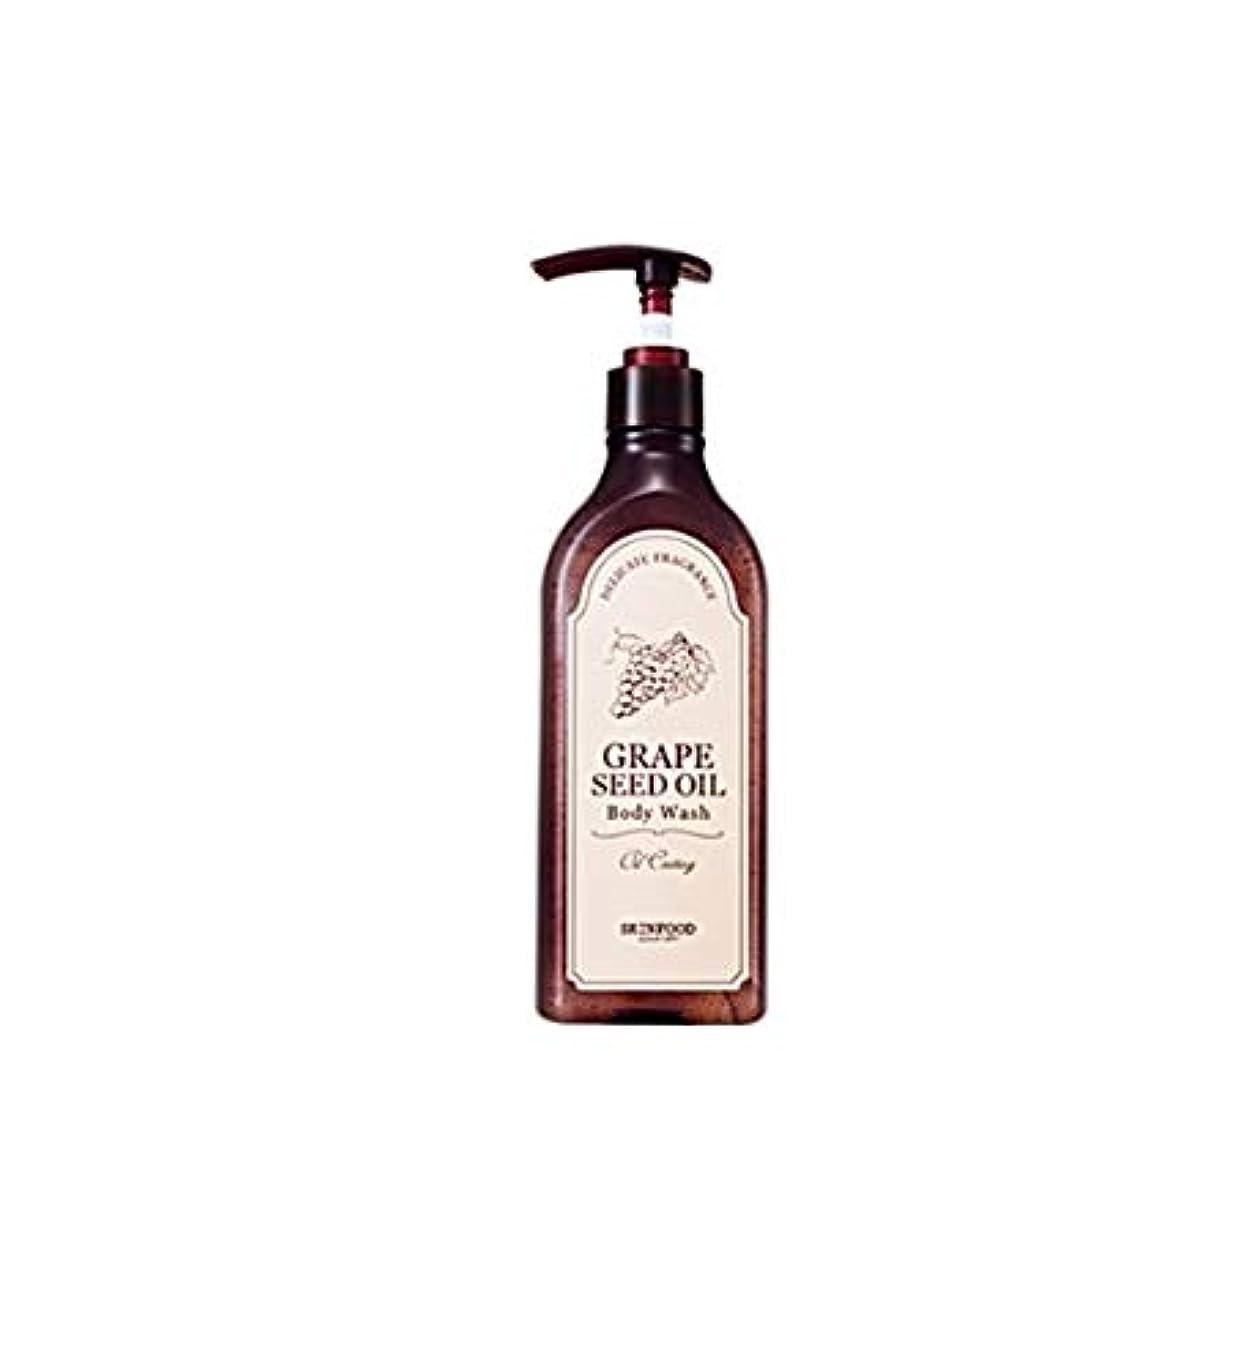 フェンス配分一緒にSkinfood グレープシードオイルボディウォッシュ/Grape Seed Oil Body Wash 335ml [並行輸入品]